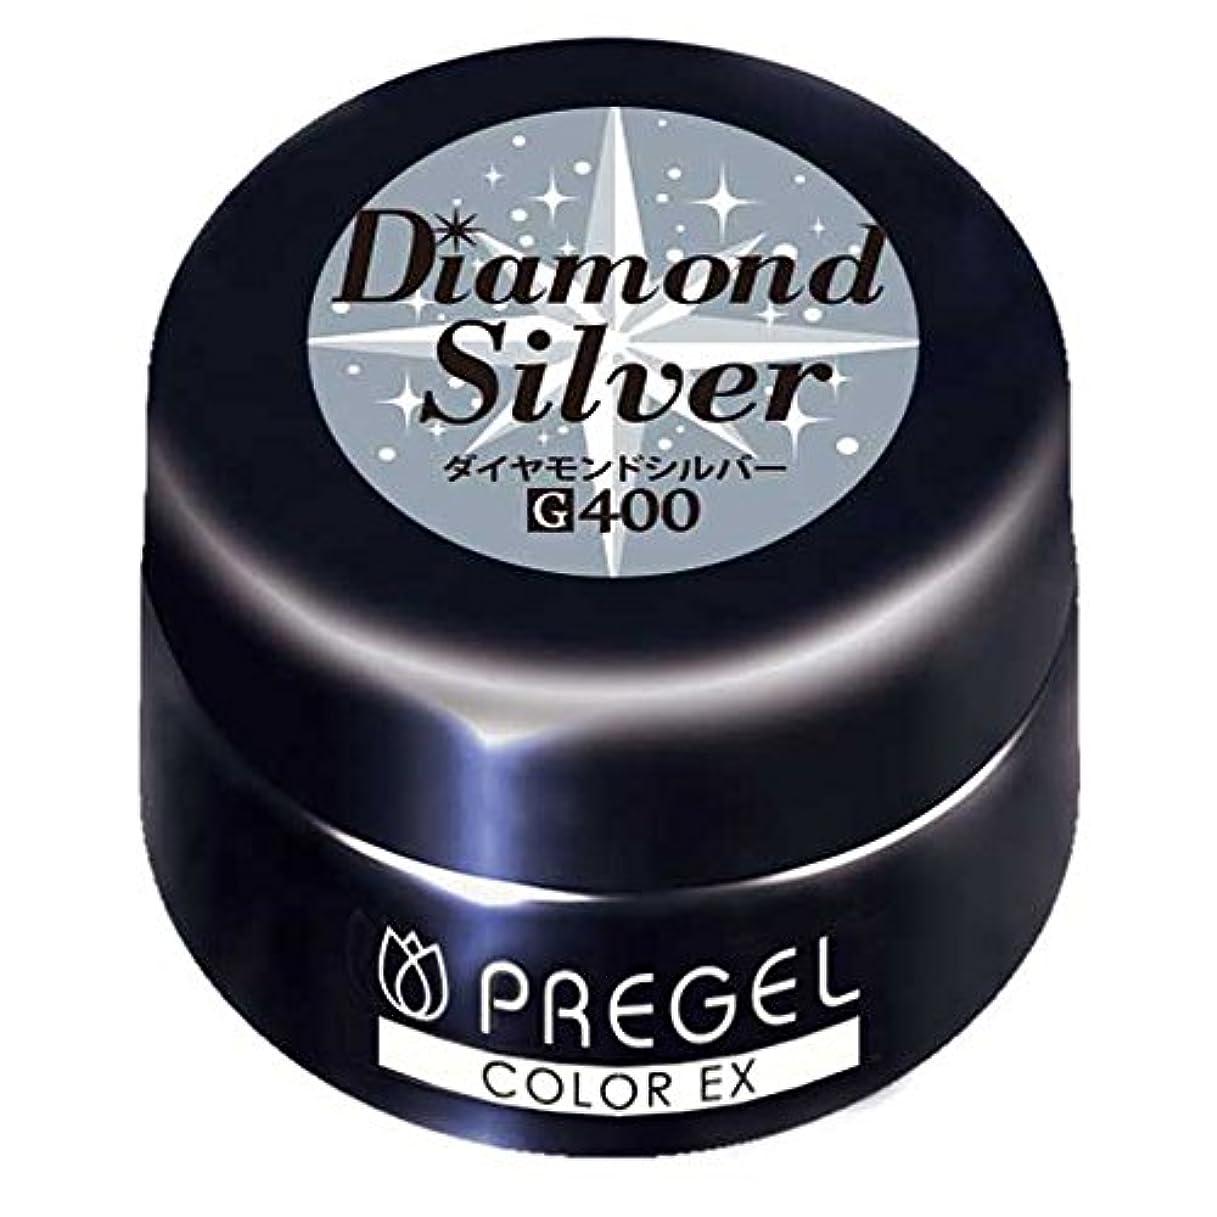 荷物無数の揃えるPRE GEL カラーEX ダイヤモンドシルバーCE400 UV/LED対応 カラージェル